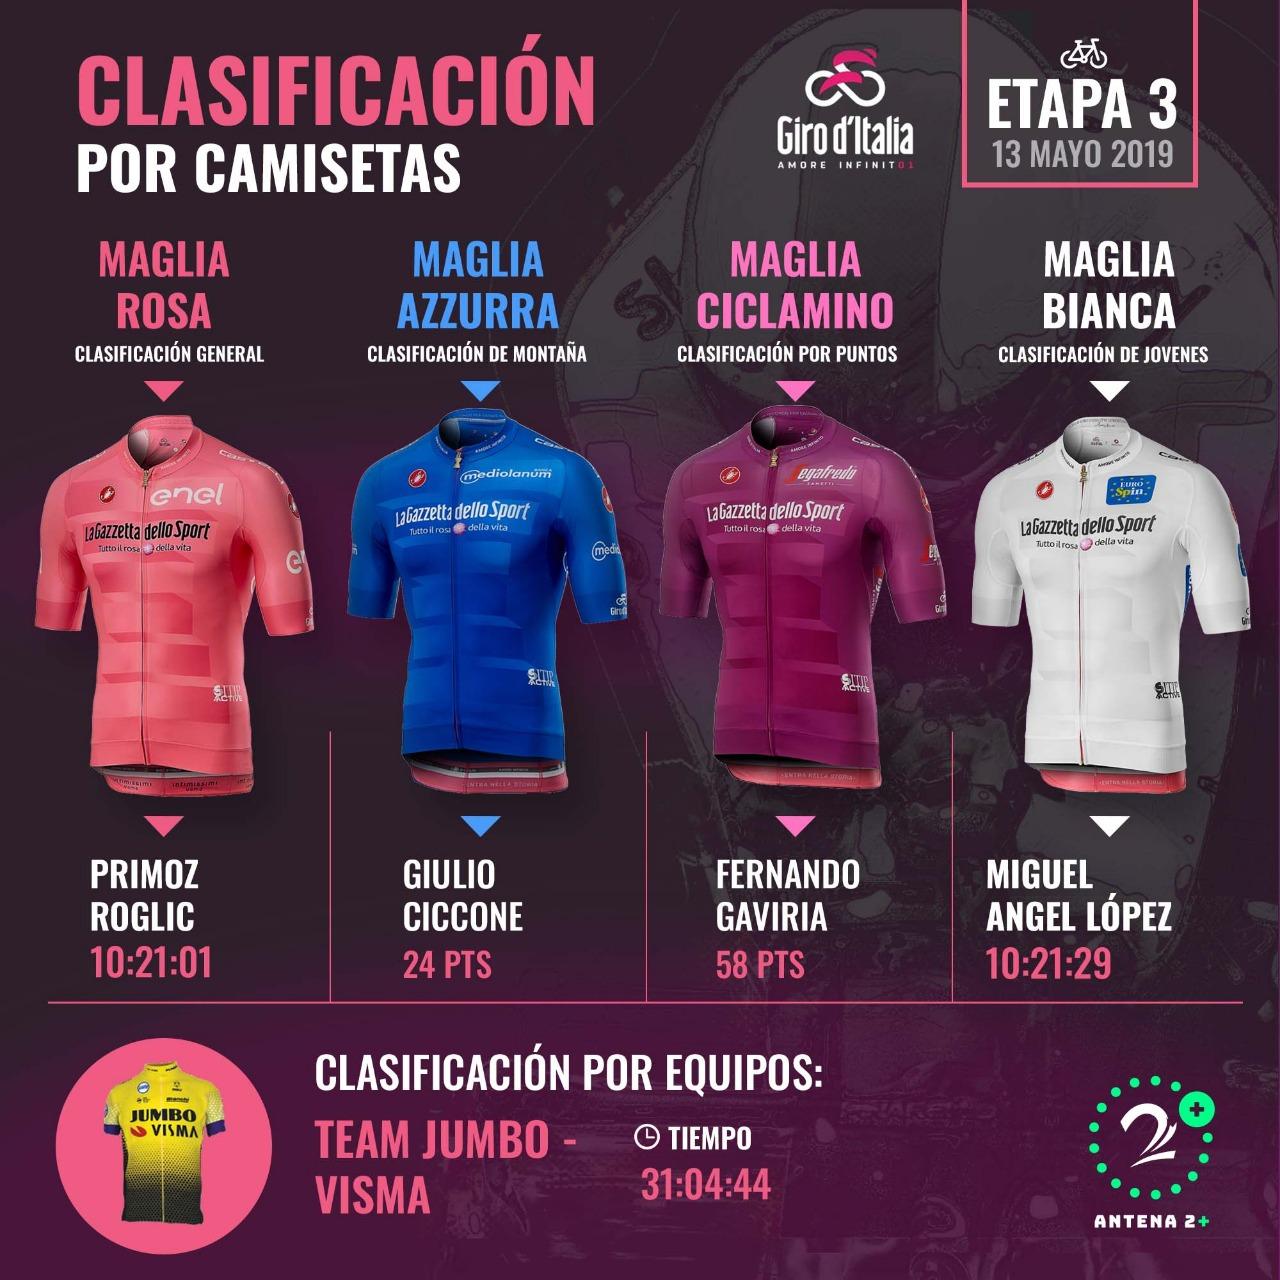 Así va la clasificación de las camisetas del Giro de Italia